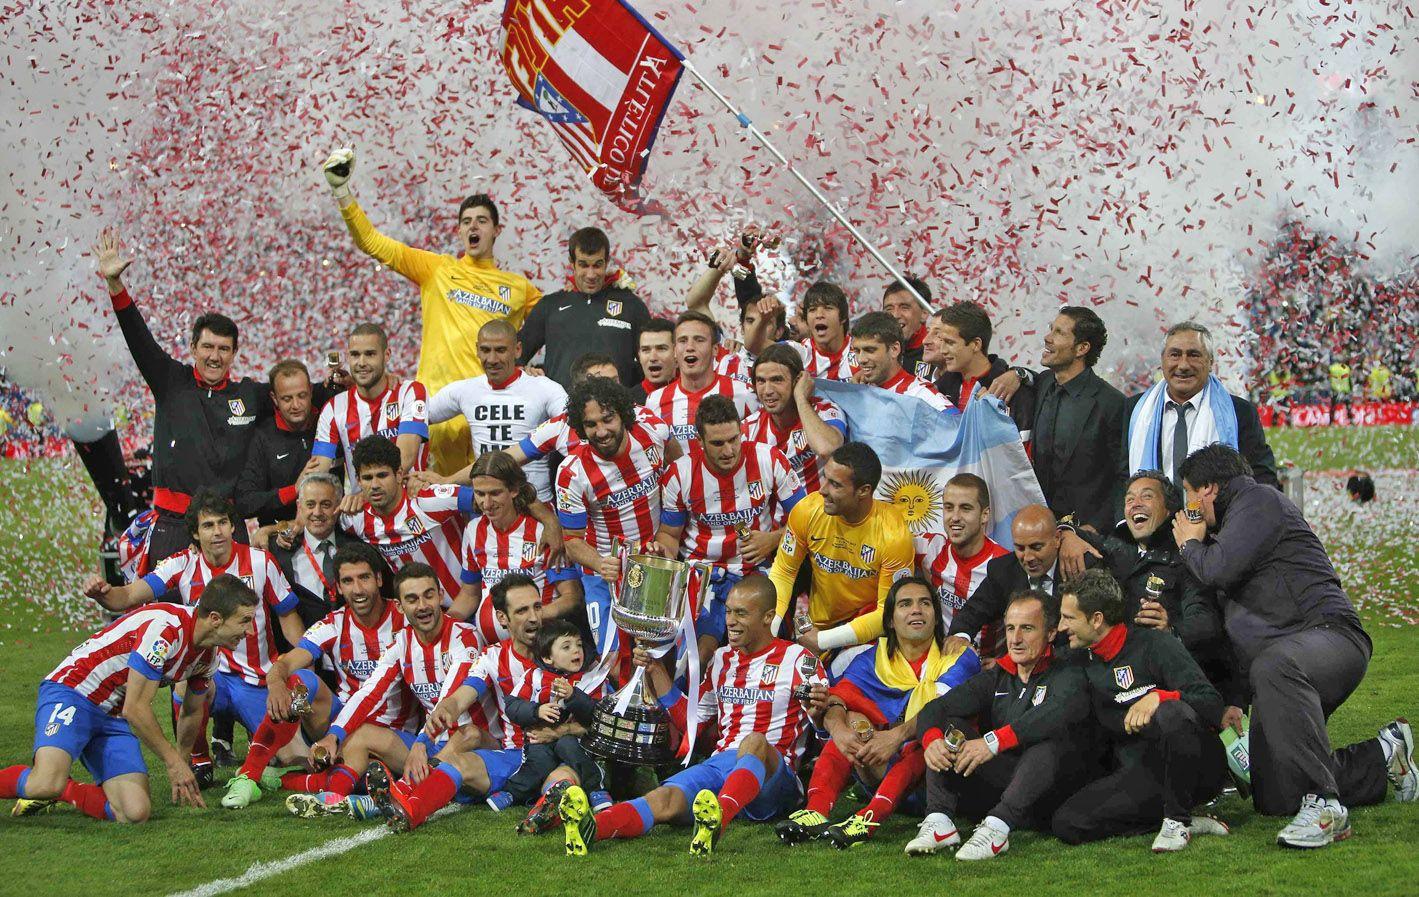 Fiesta colchonera. Los jugadores y el cuerpo técnico del equipo madrileño celebran en el Santiago Bernabéu la conquista de su décima Copa del Rey.